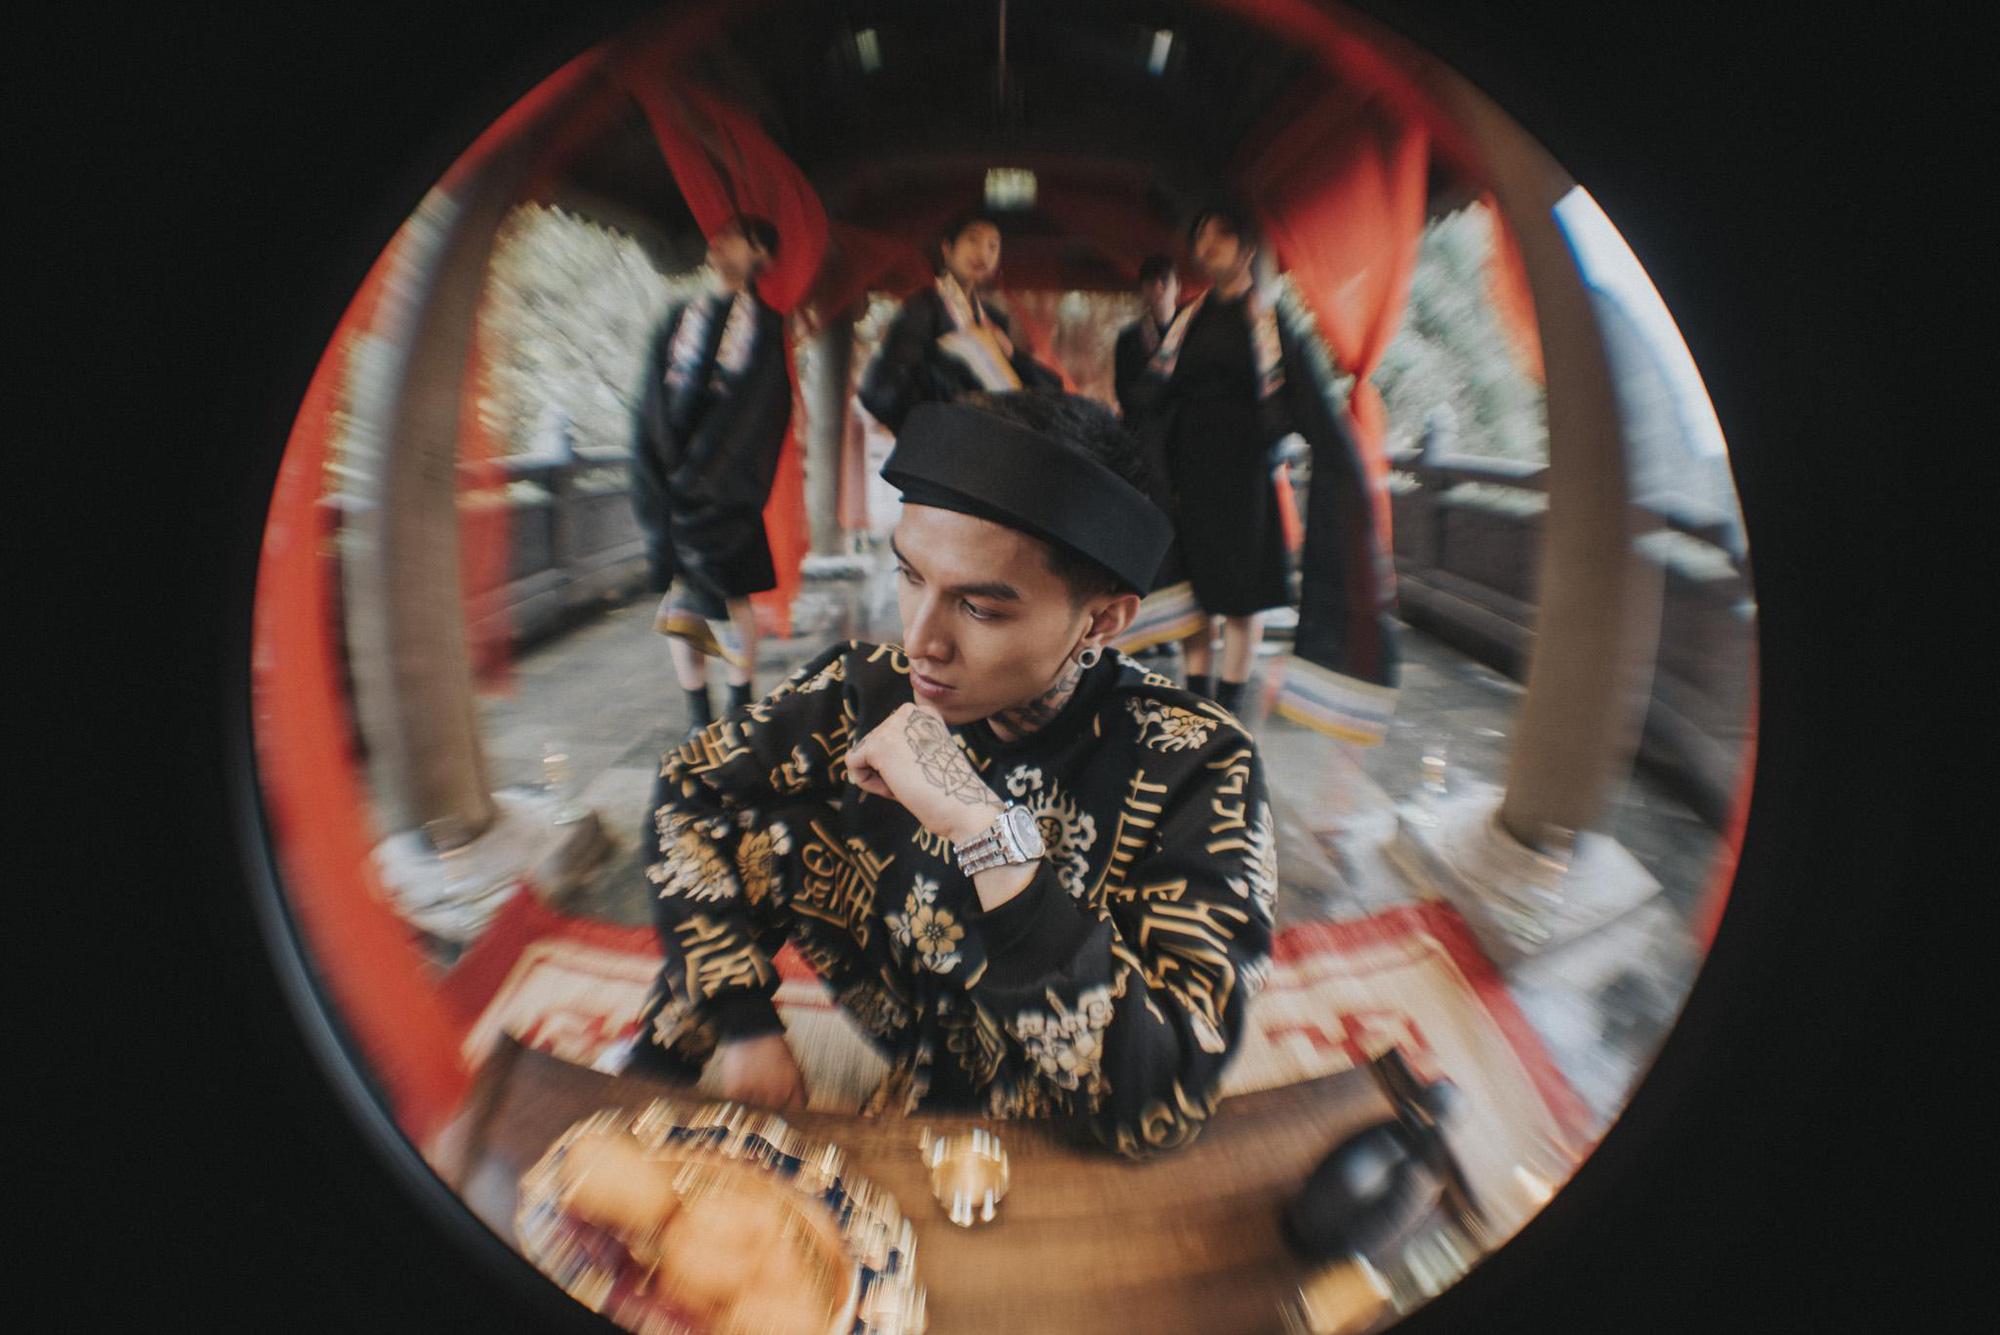 Bình Gold, LOCOBoiz khuấy đảo cộng đồng rap Việt khi mặc cổ phục, độ xe rồng trong MV rap ca trù mới - Ảnh 1.